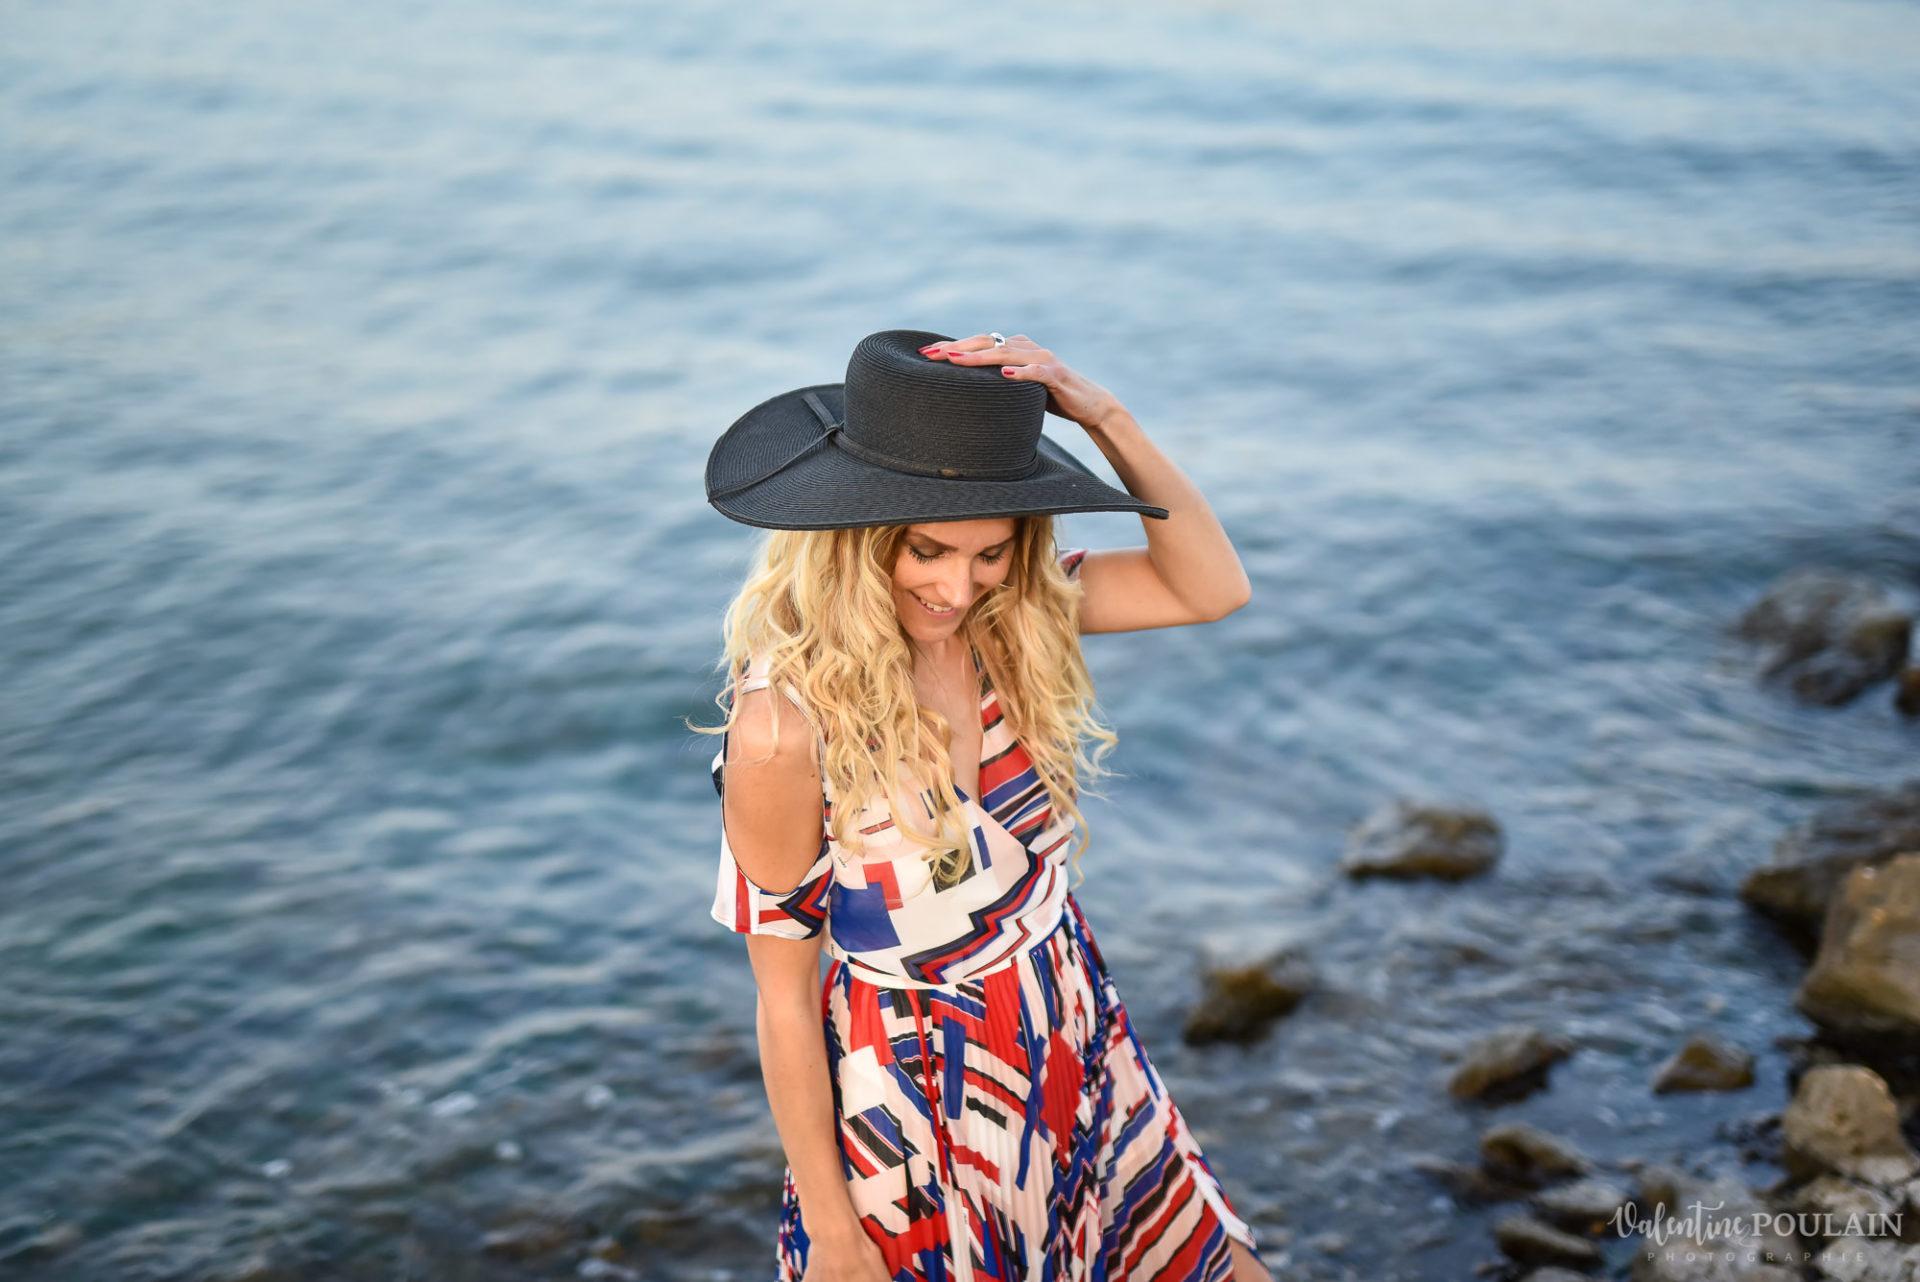 Shooting portrait Provence - Valentine-Poulain hat